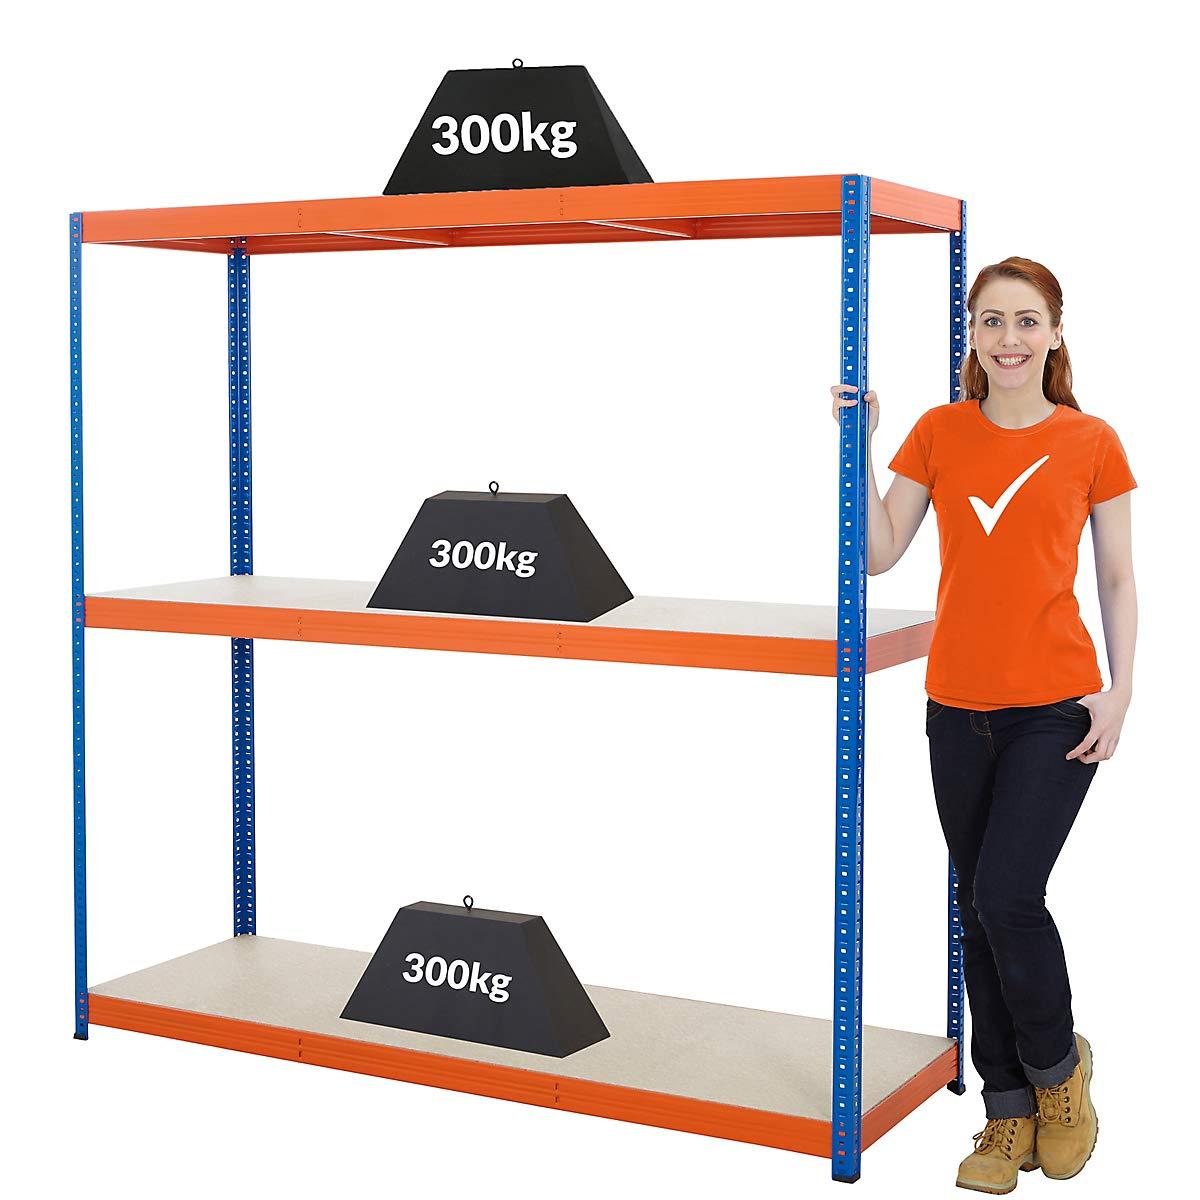 Charge maximale de 300 kg par /étag/ère Rayonnage m/étallique Charge totale acceptable 1200 kg HxLxP 180 x 140 x 60 cm Certeo Rayonnage pour charges lourdes Profondeur 60 cm